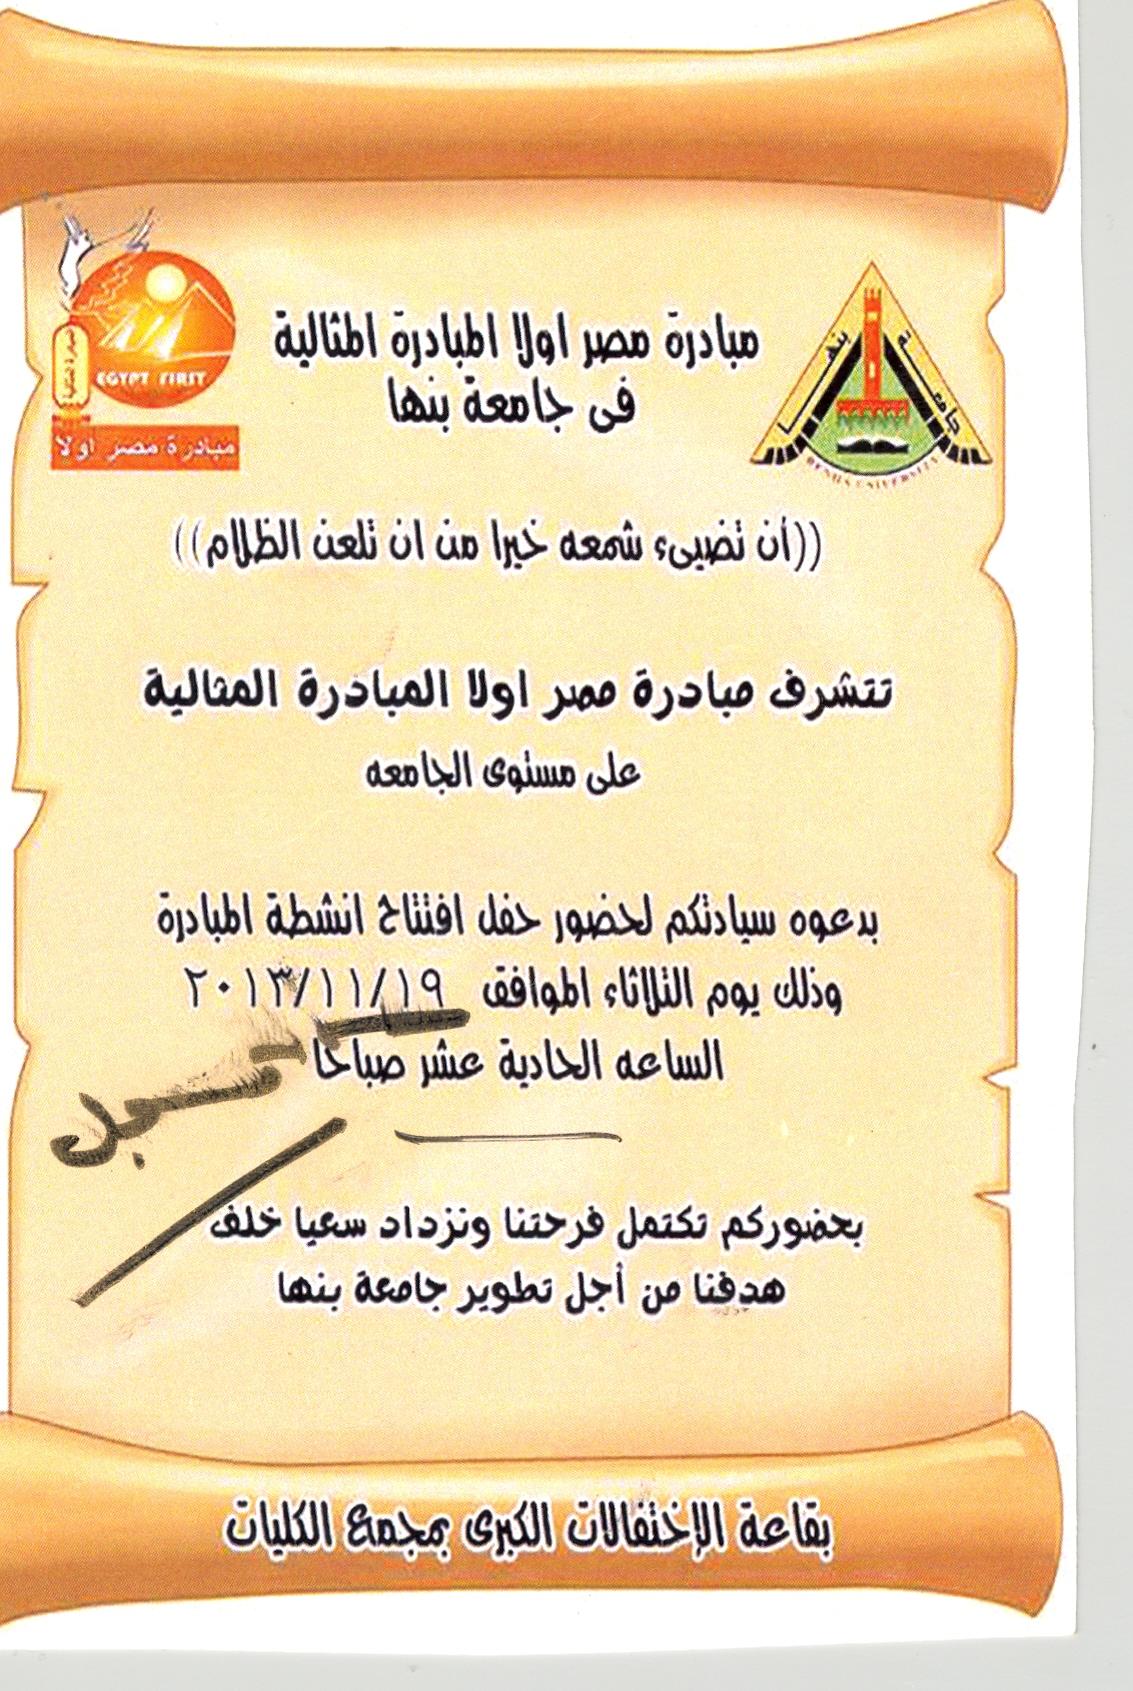 مبادرة مصر اولا المبادرة المثالية